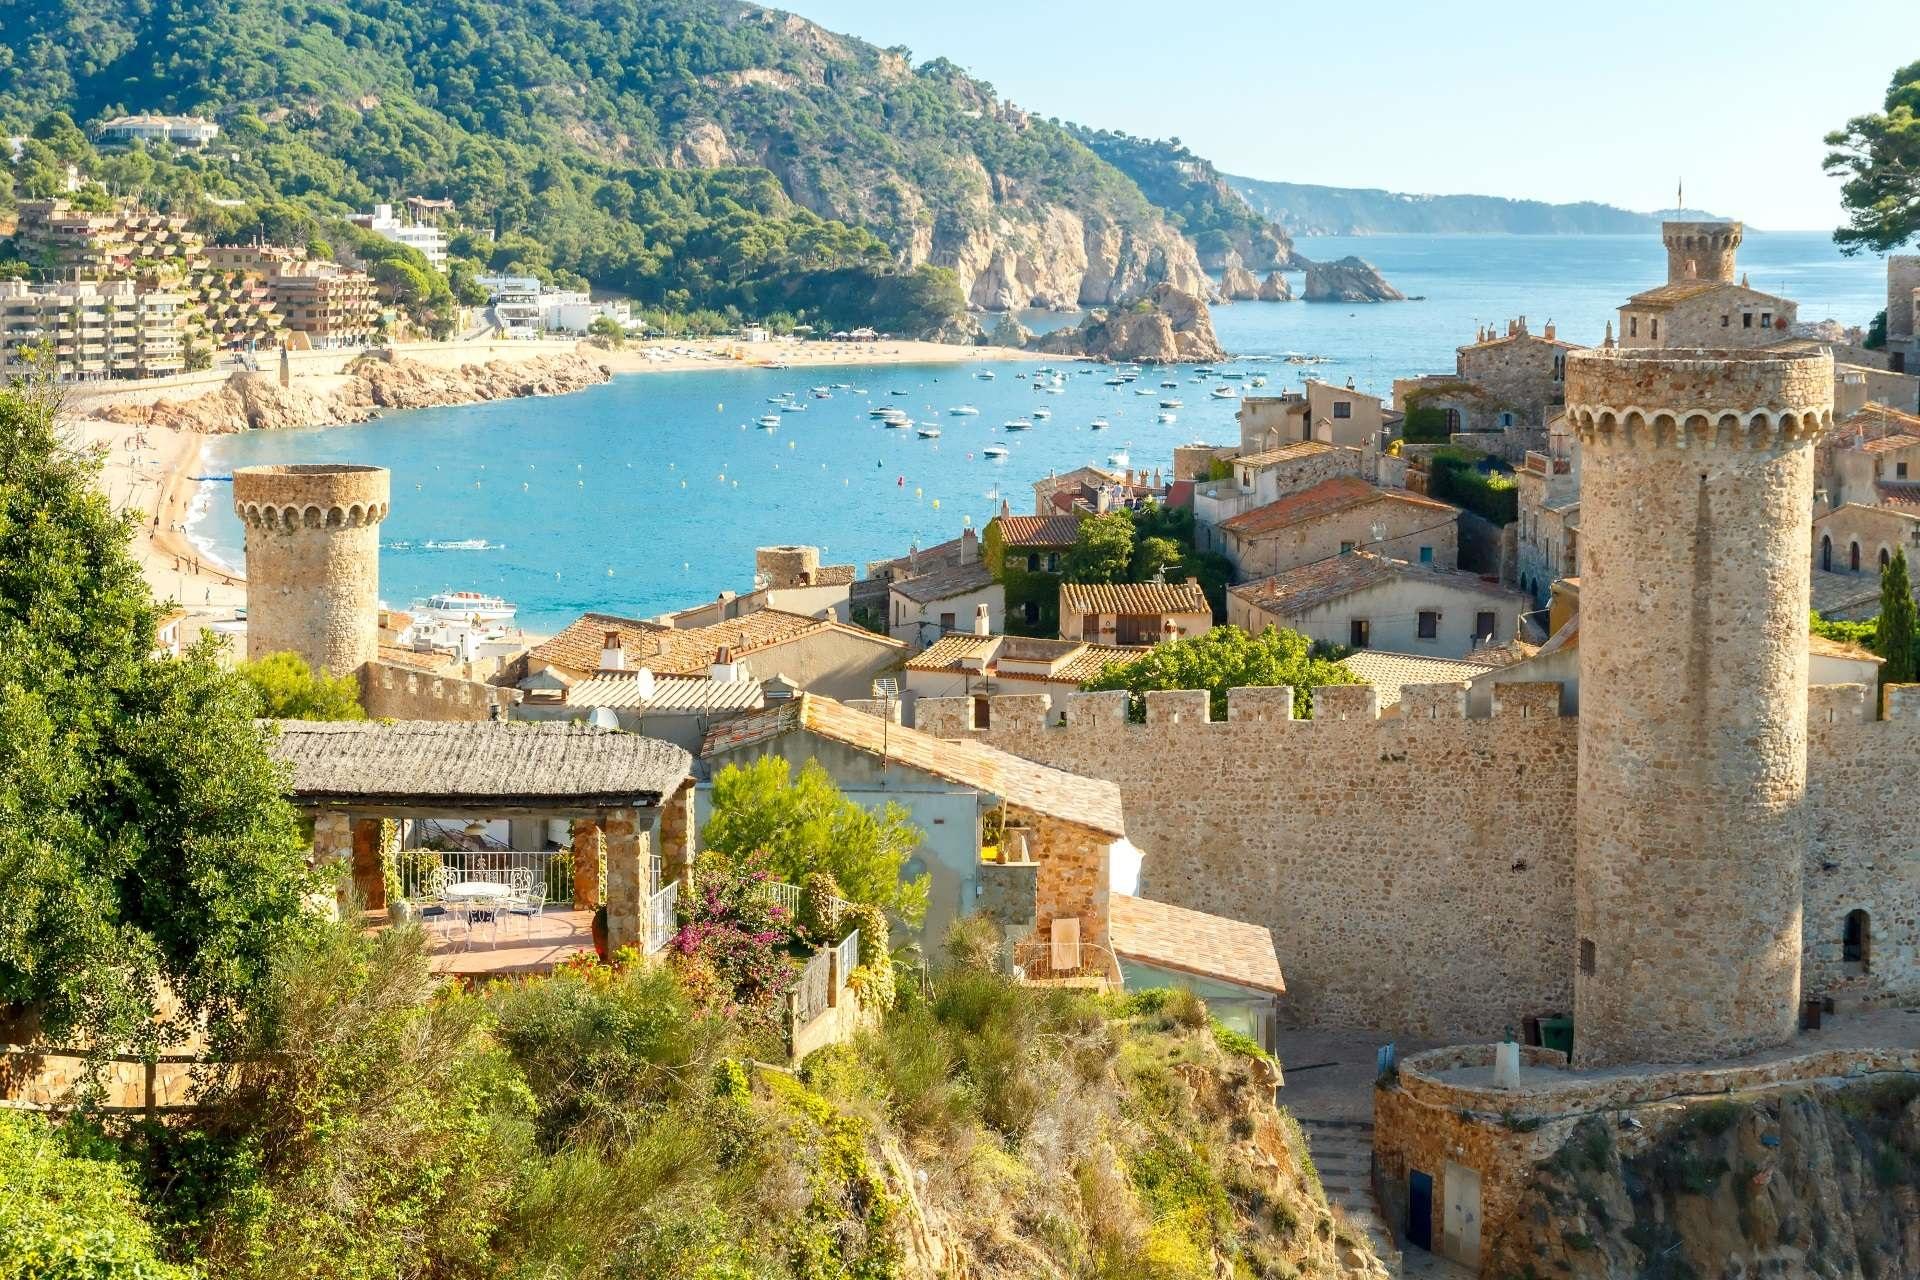 Spanien an Costa Brava - Tossa del Mar. All Inclusive.